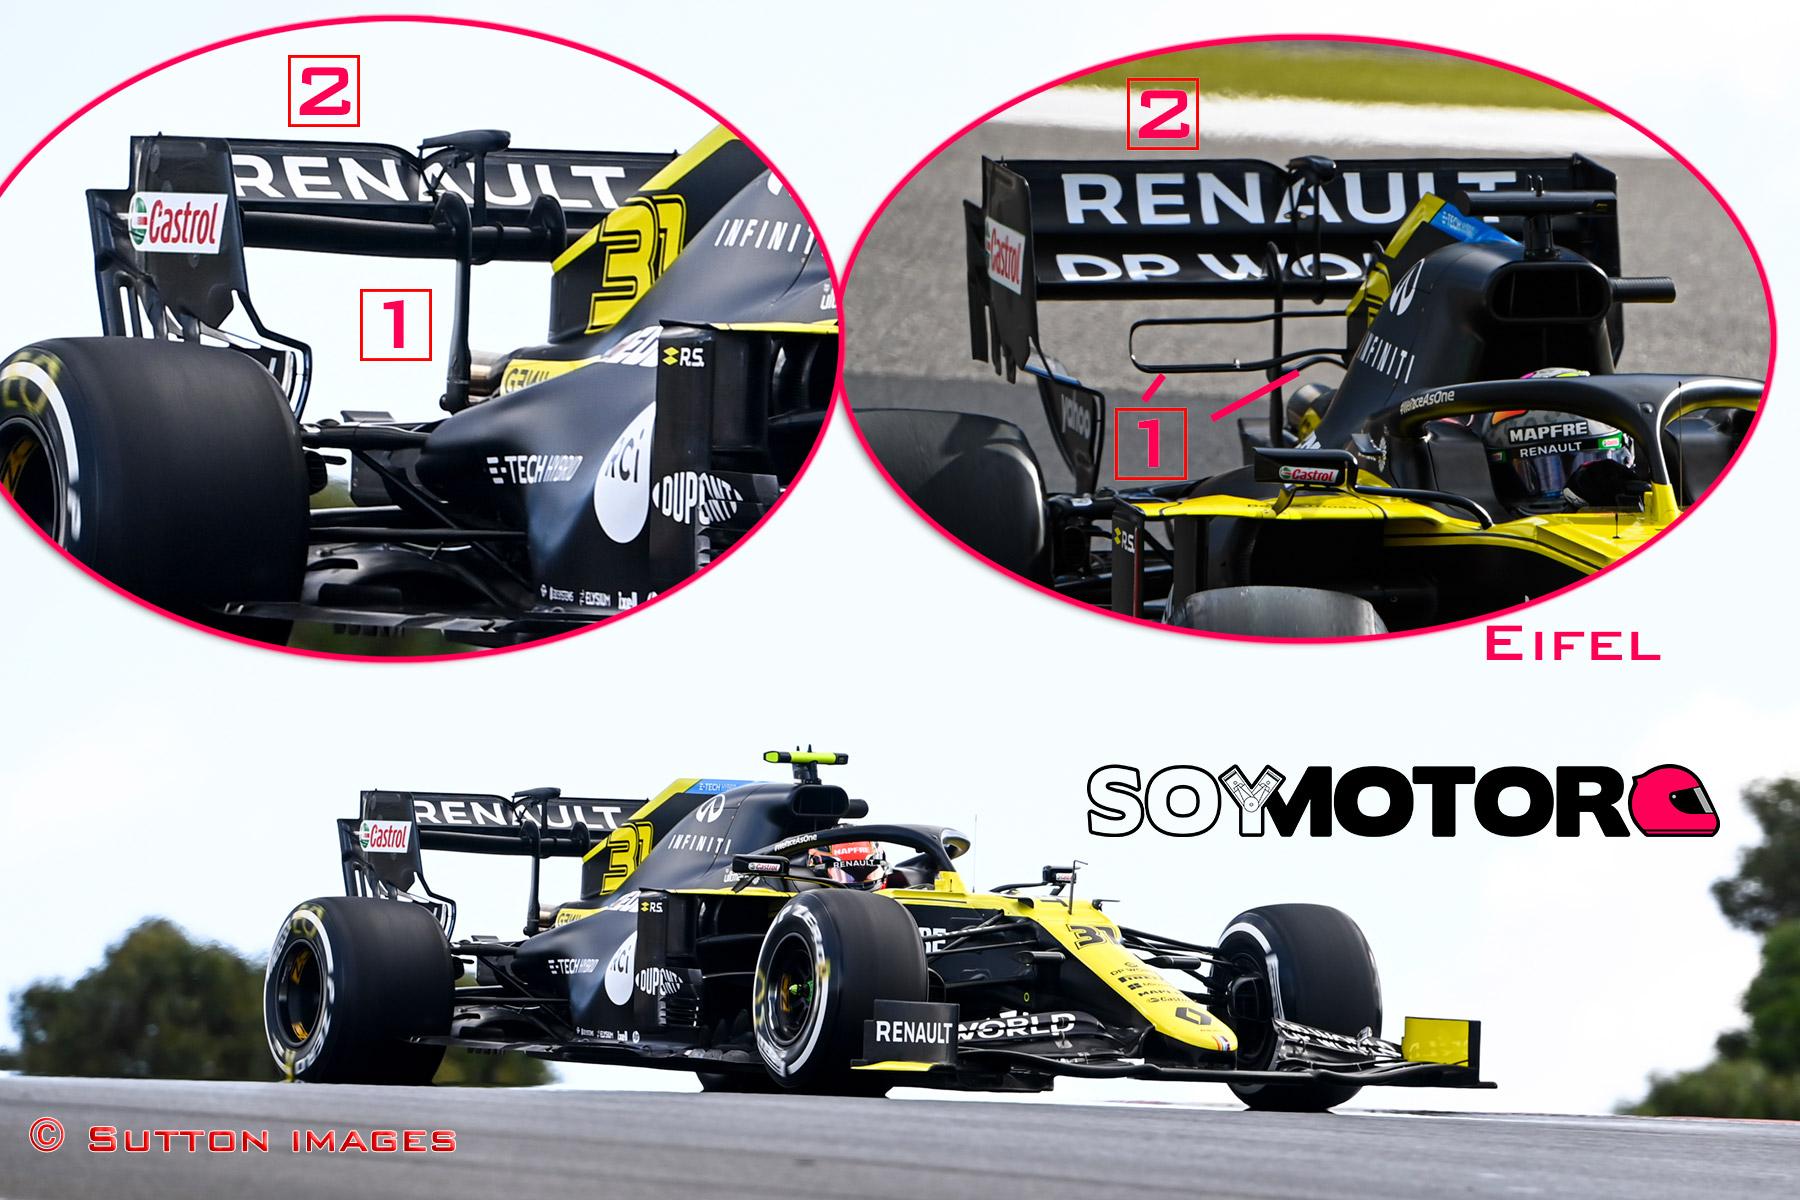 renault-ala-trasera-y-t-wing-soymotor_4.jpg